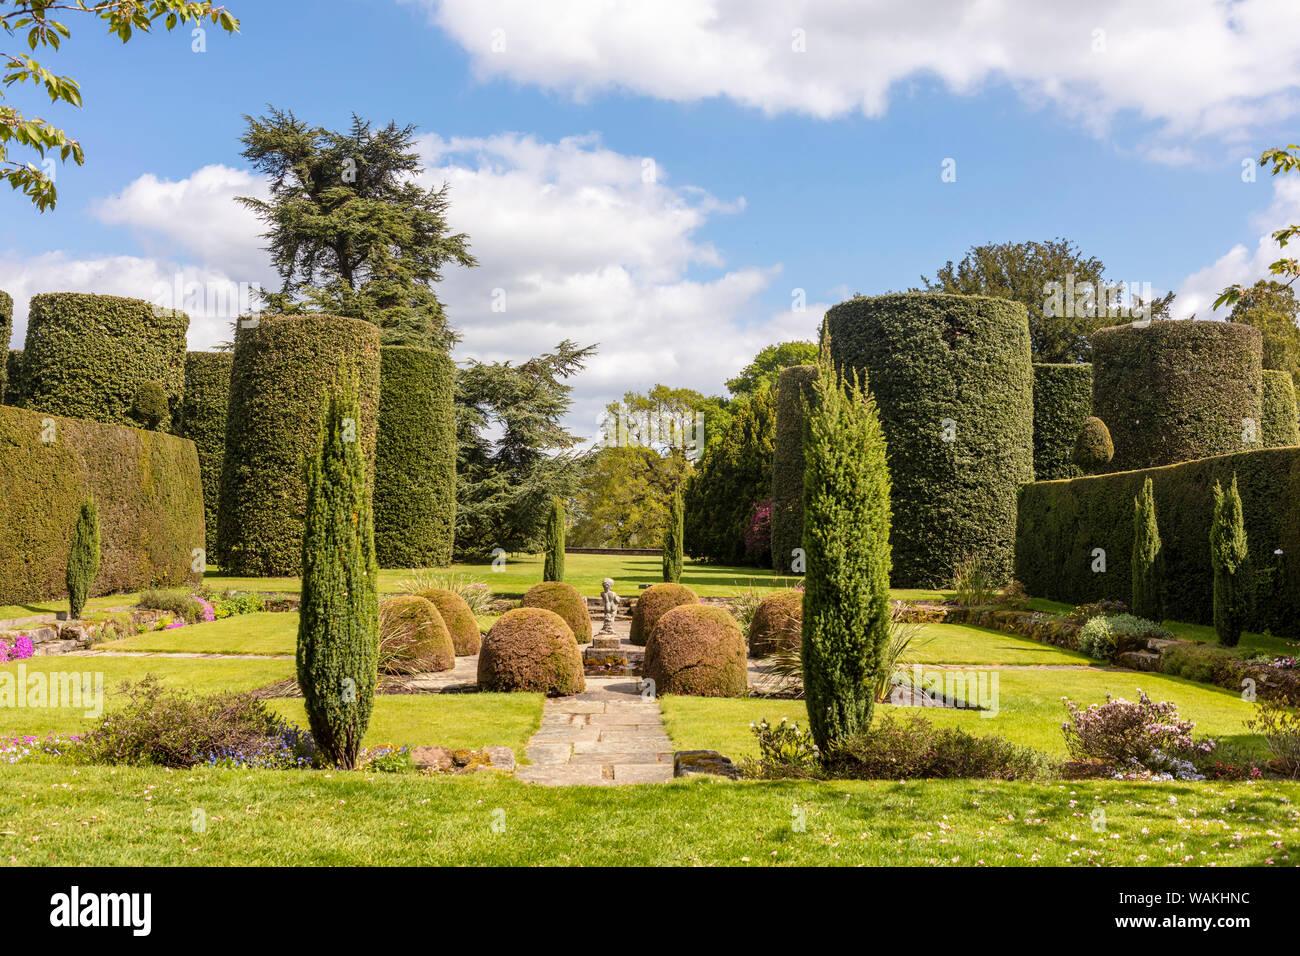 Alberi Ornamentali Da Giardino piccoli alberi da giardino immagini & piccoli alberi da